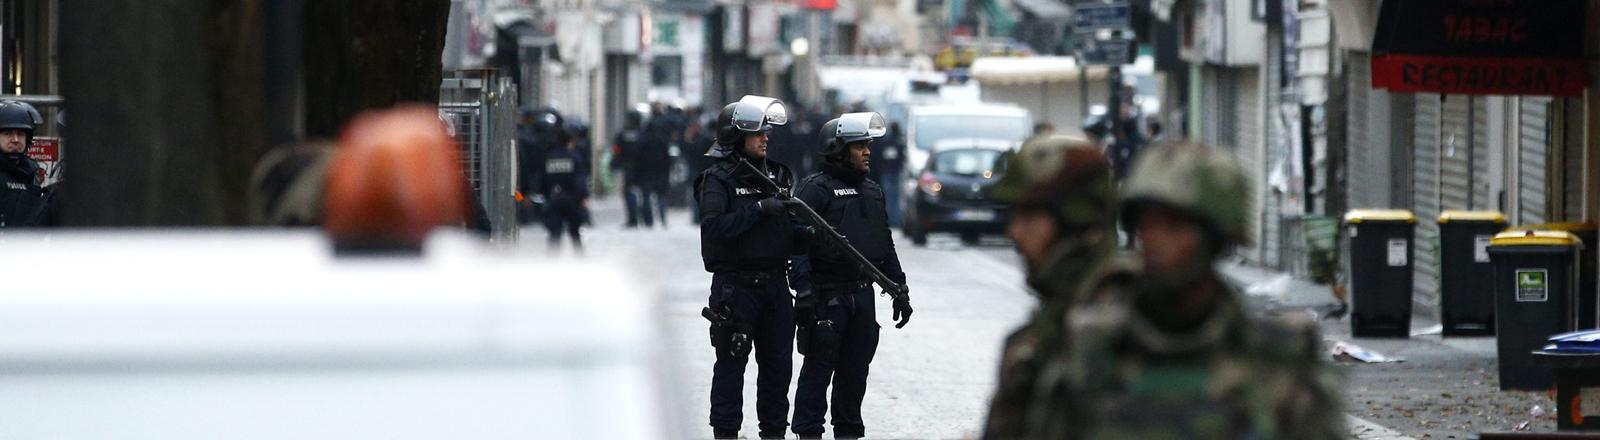 Polizisten bei einem Anti-Terror-Einsatz in Saint-Denis